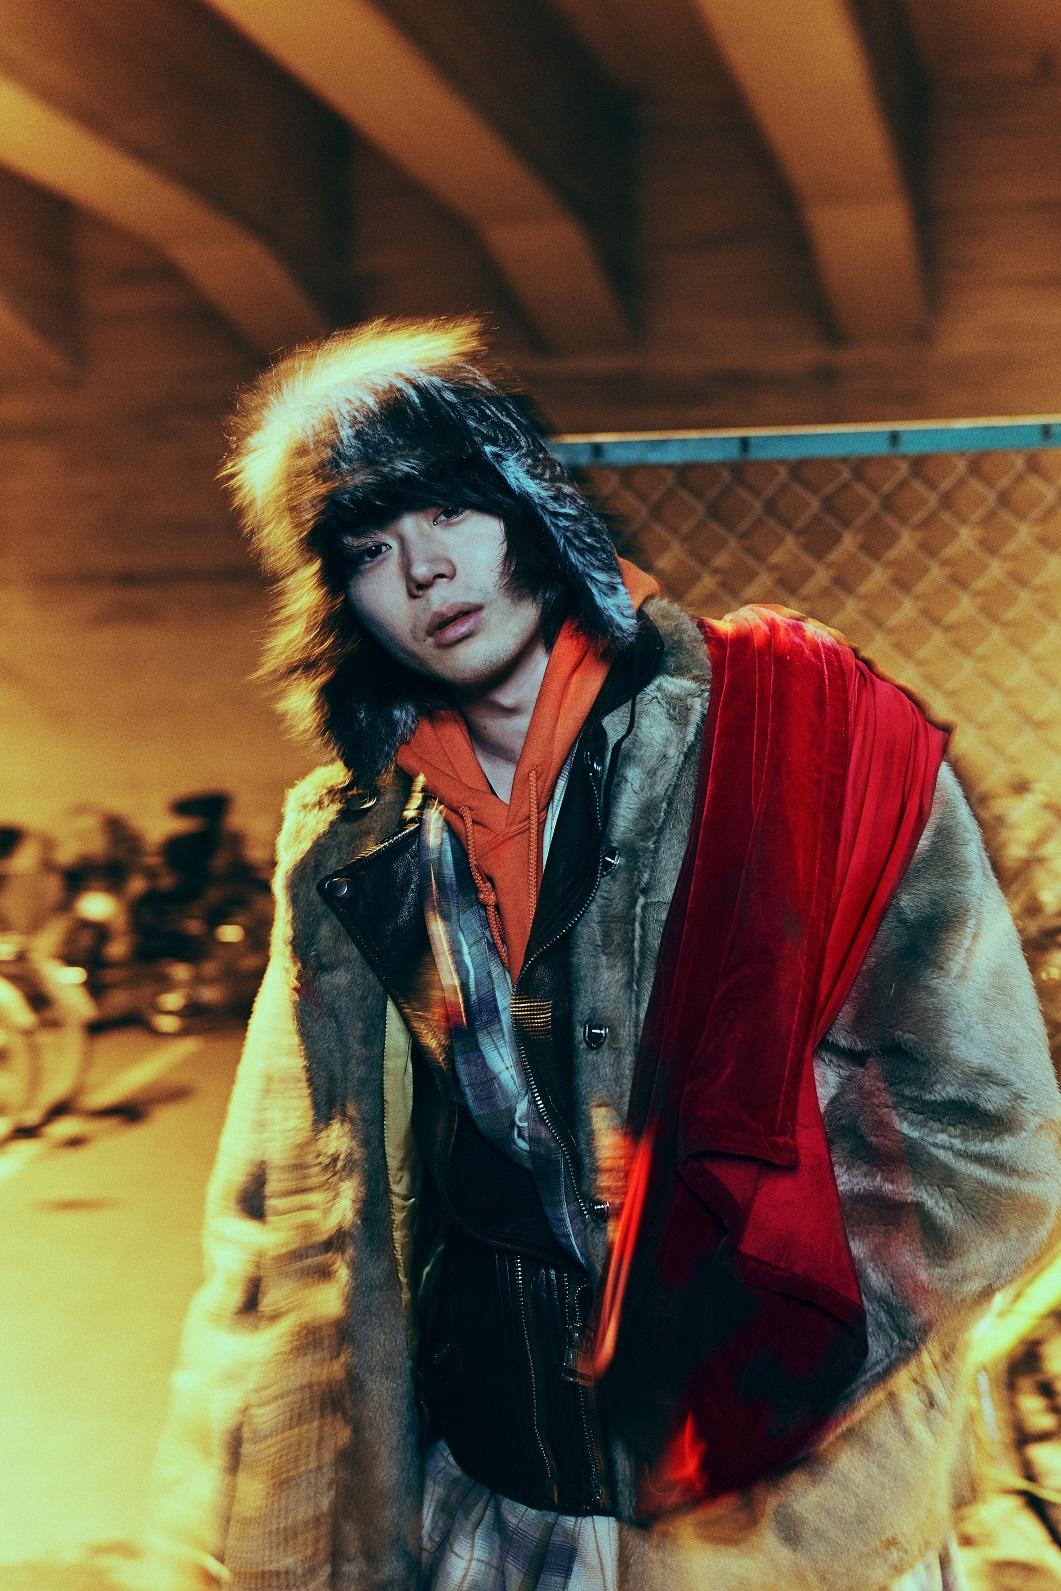 山崎賢人出演 菅田将暉の新MVに「組み合わせ最高!」の声 さらに菅田の音楽活動にも「歌を出せば出すほど…」とコメント多数サムネイル画像